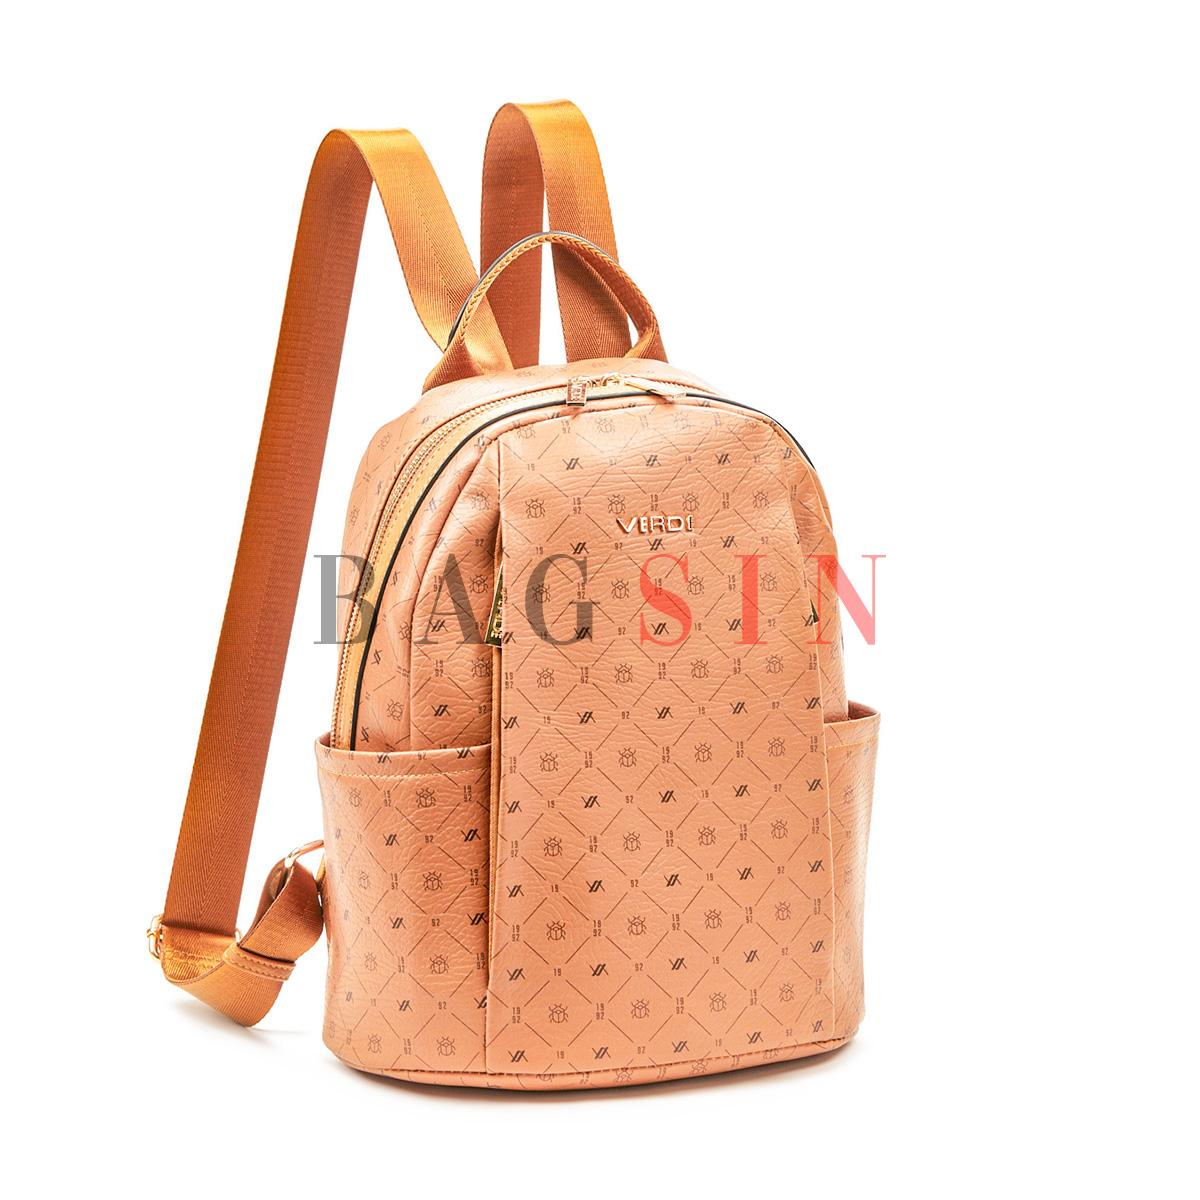 Σακίδιο Πλάτης Πολυθέσιο Με Λογότυπο Verde Backpack 16-6049 Ταμπά